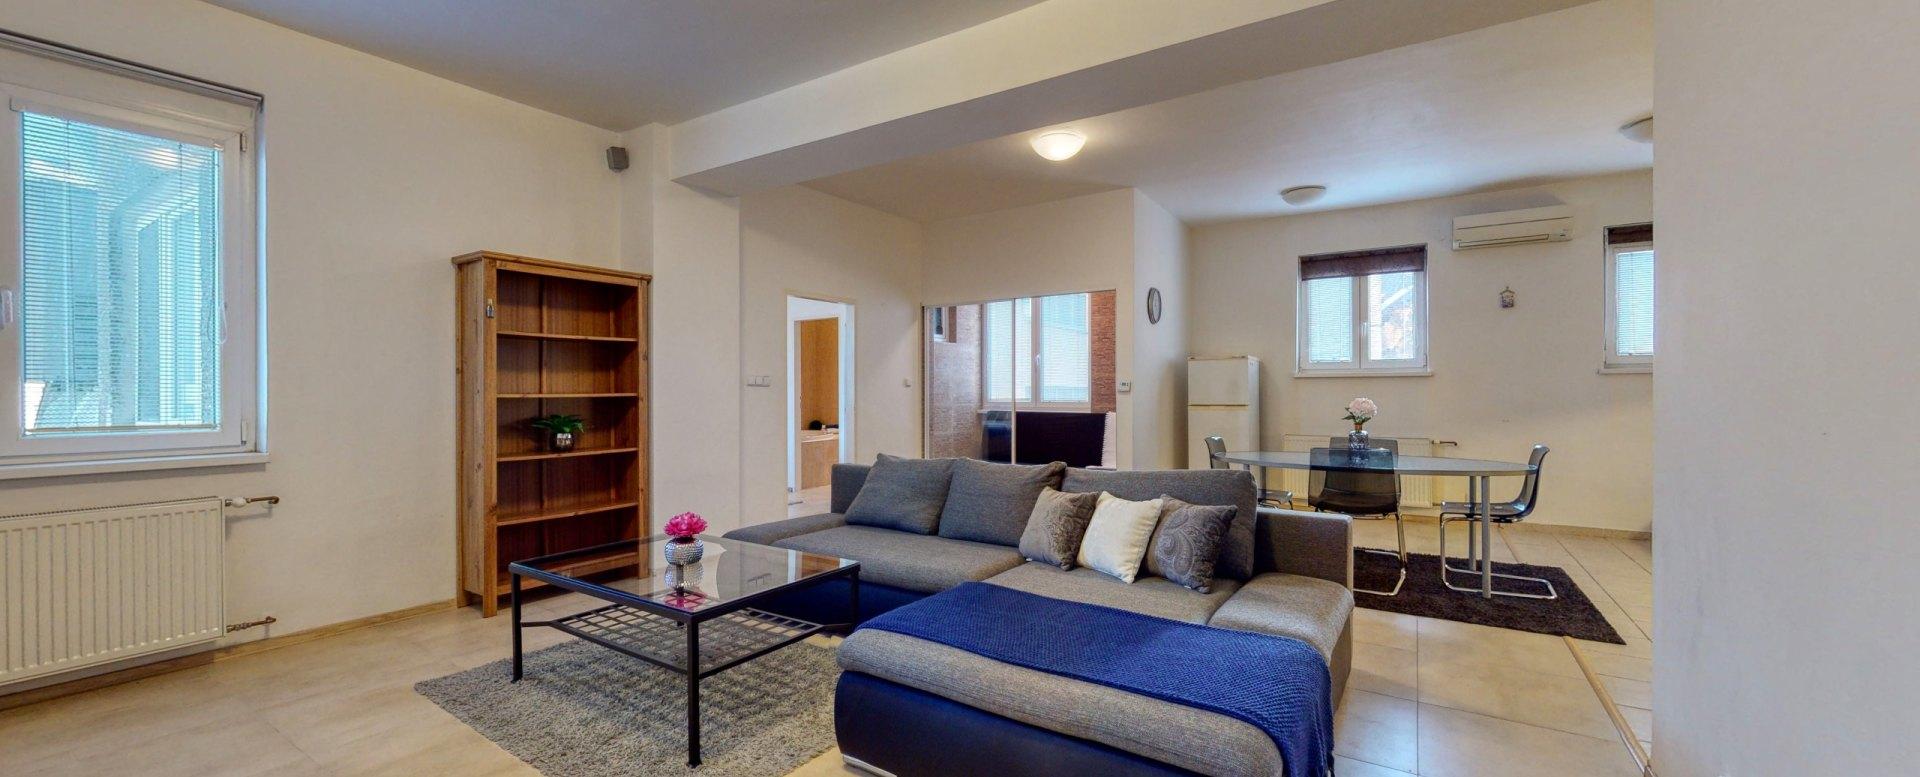 Pohľad na sedačku v obývacej izbe